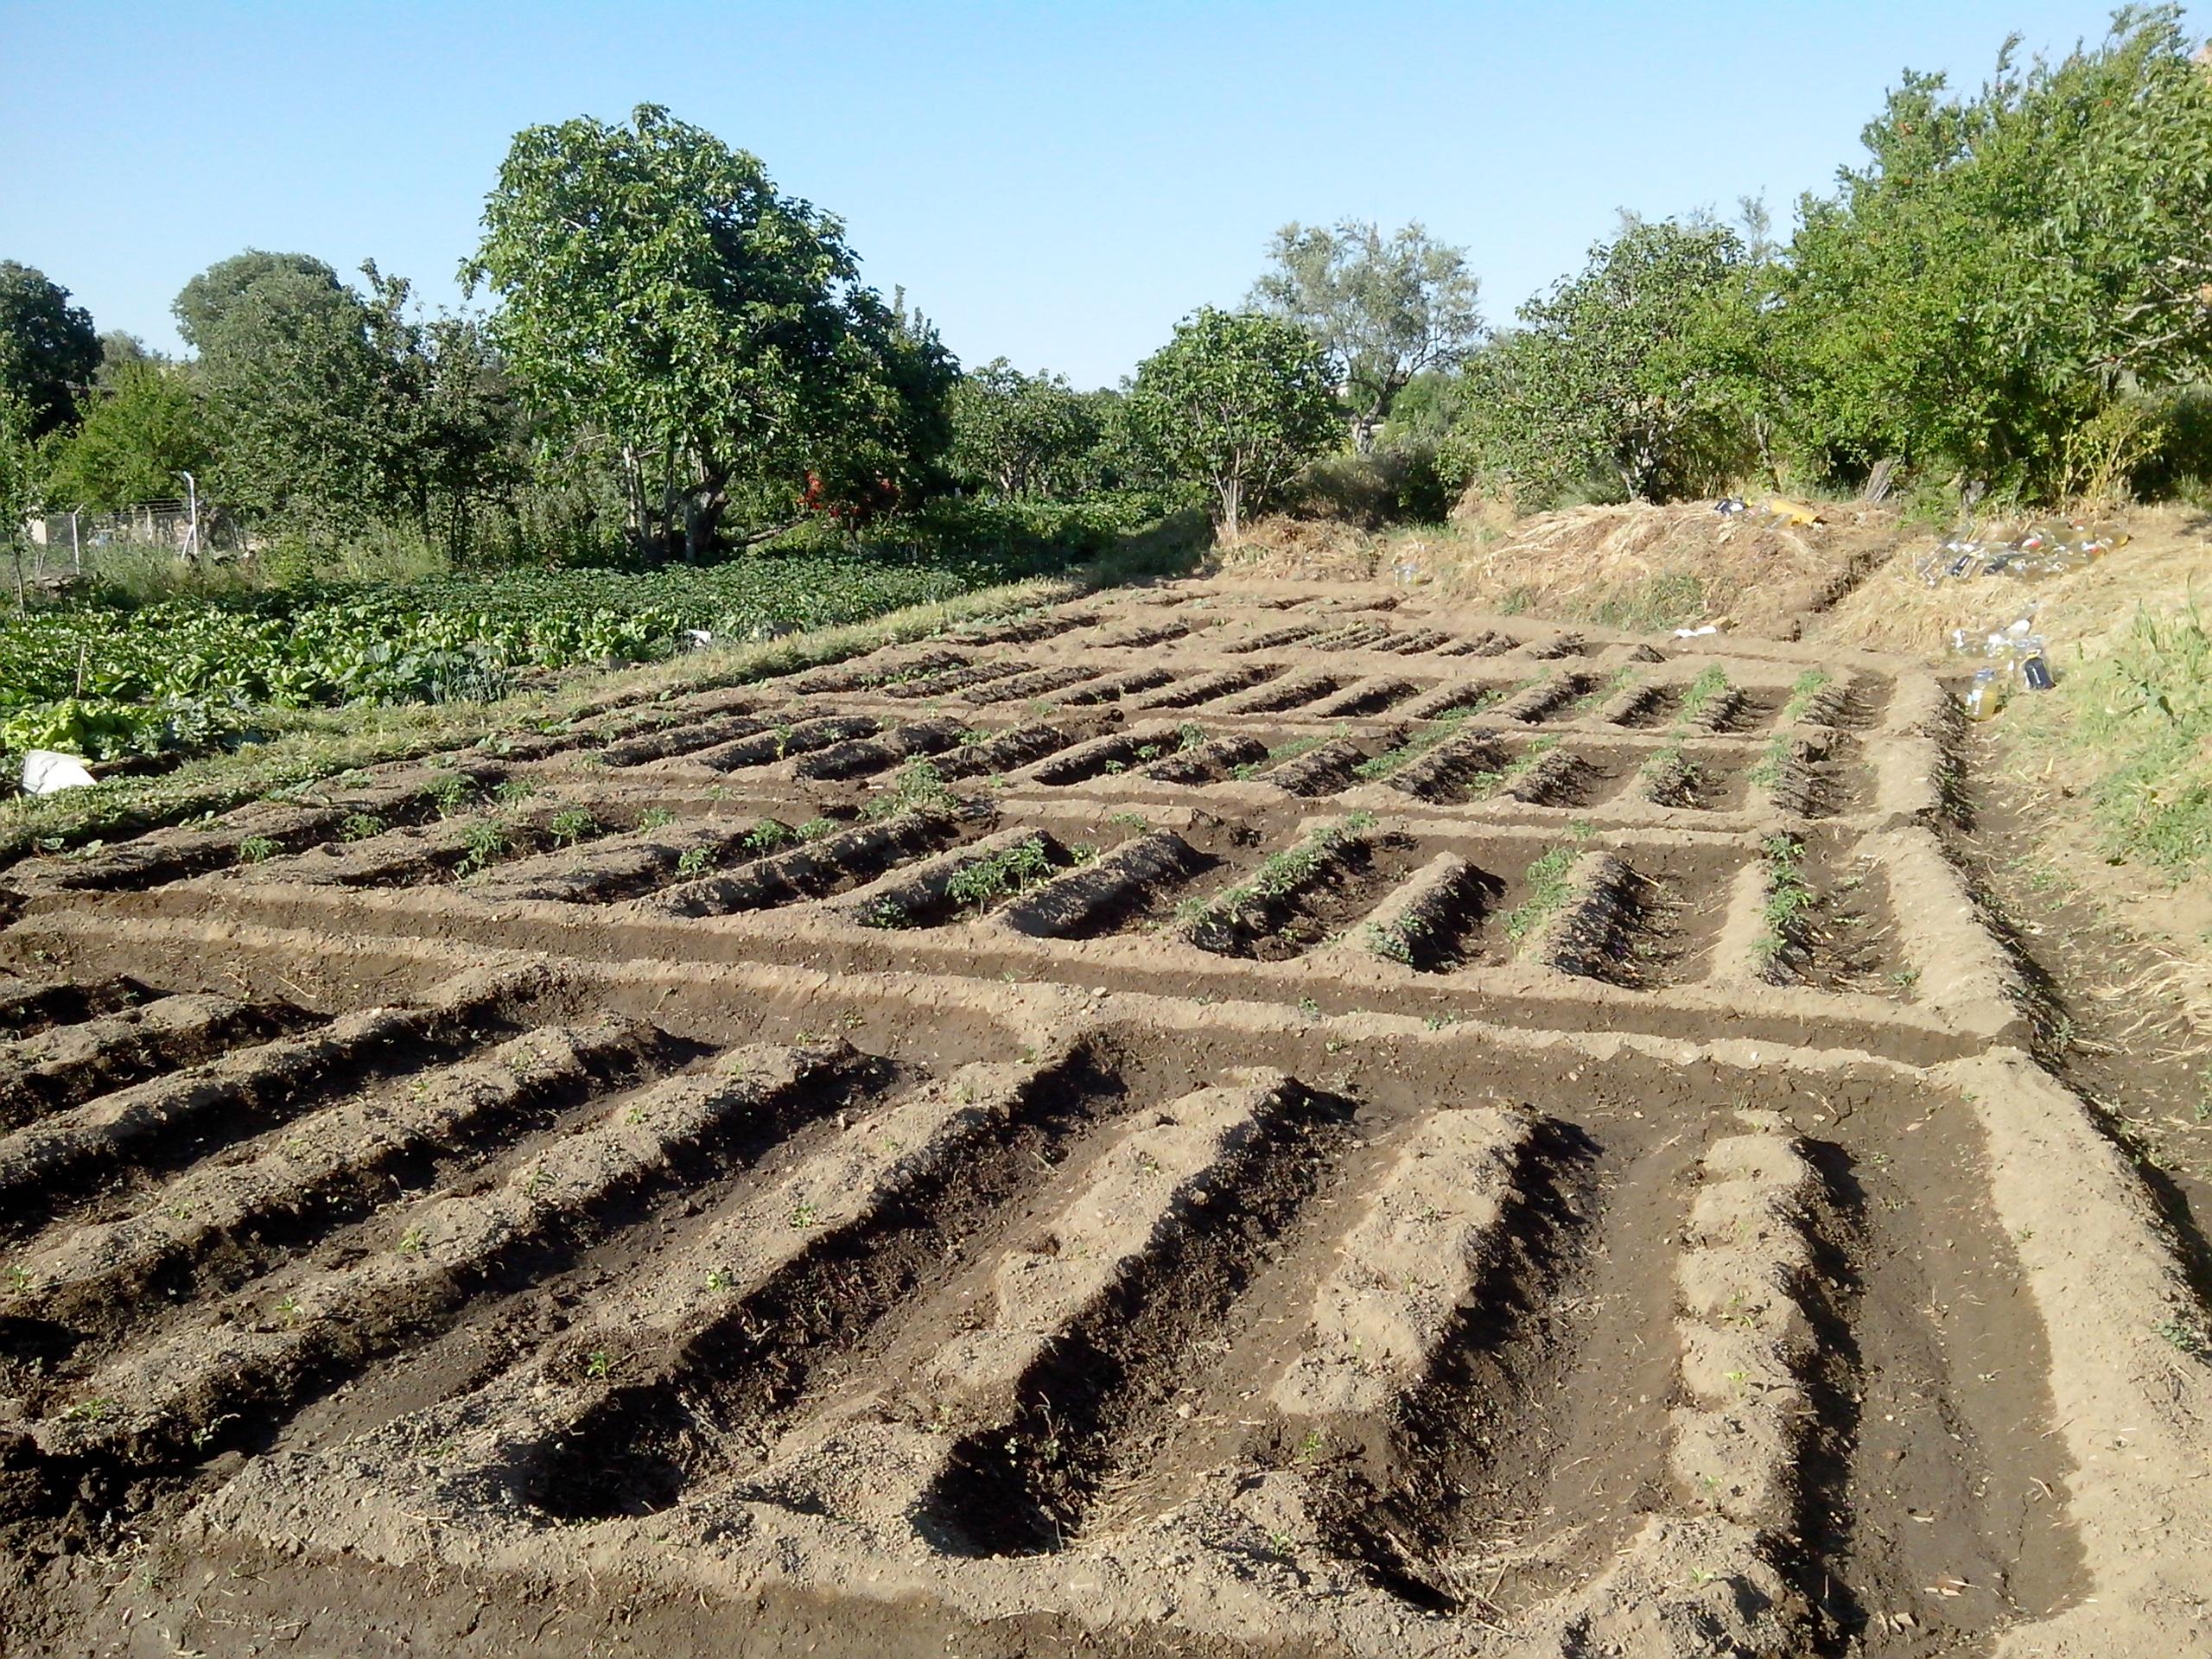 Asociaci n de cultivos la huerta pironga el huerto de for Asociacion de plantas en el huerto